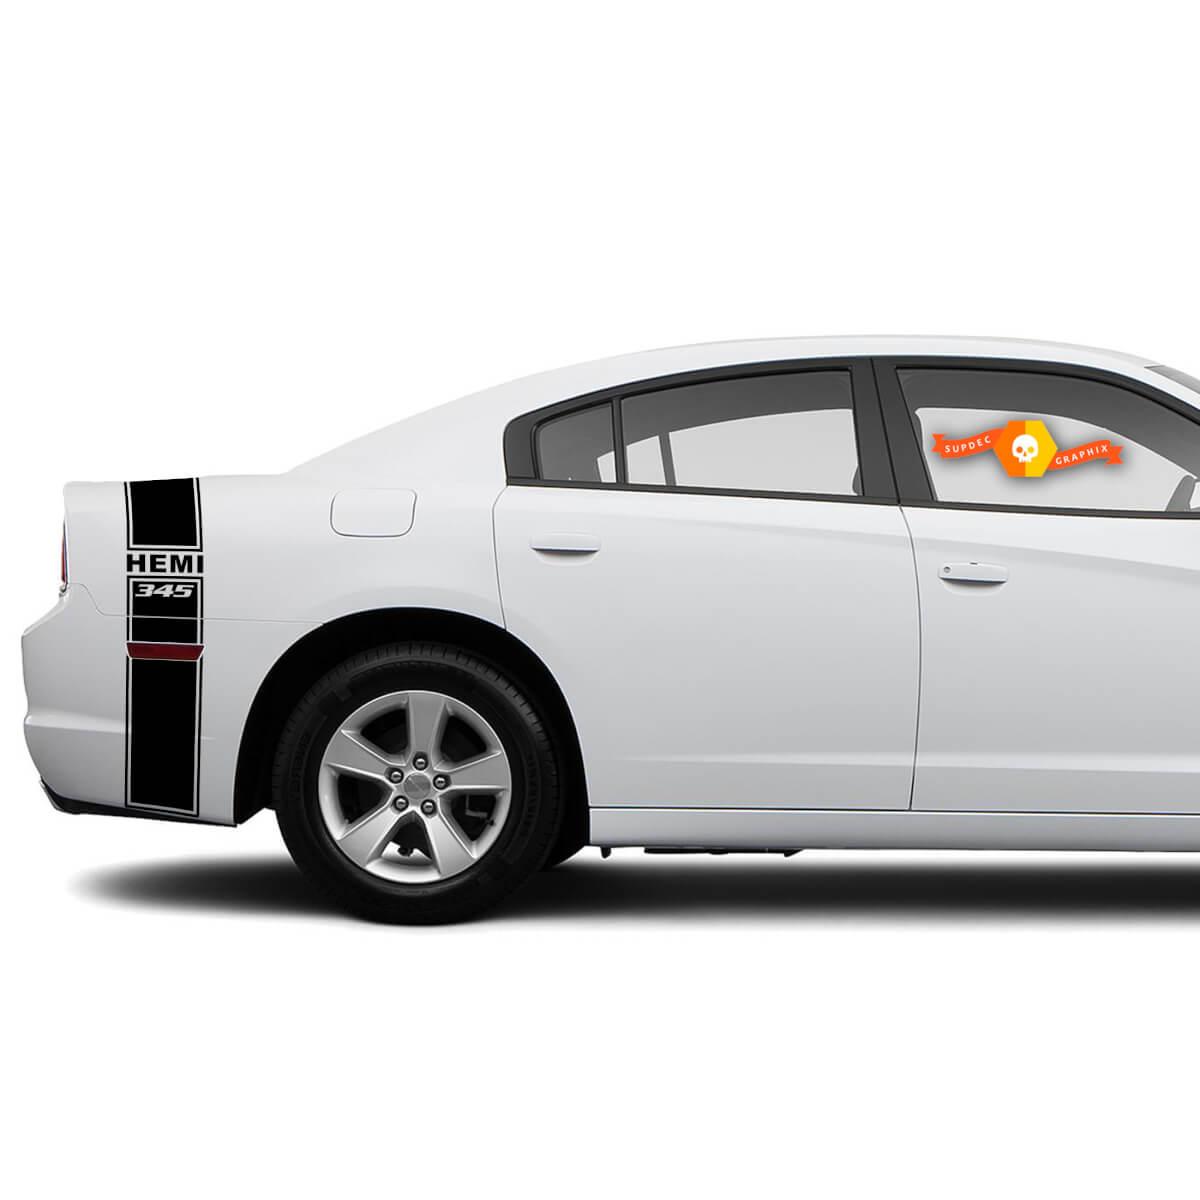 HEMI 345 Dodge Charger Kofferraumband Aufkleber Komplettes Grafik-Kit passt zu den Modellen 2011-2014